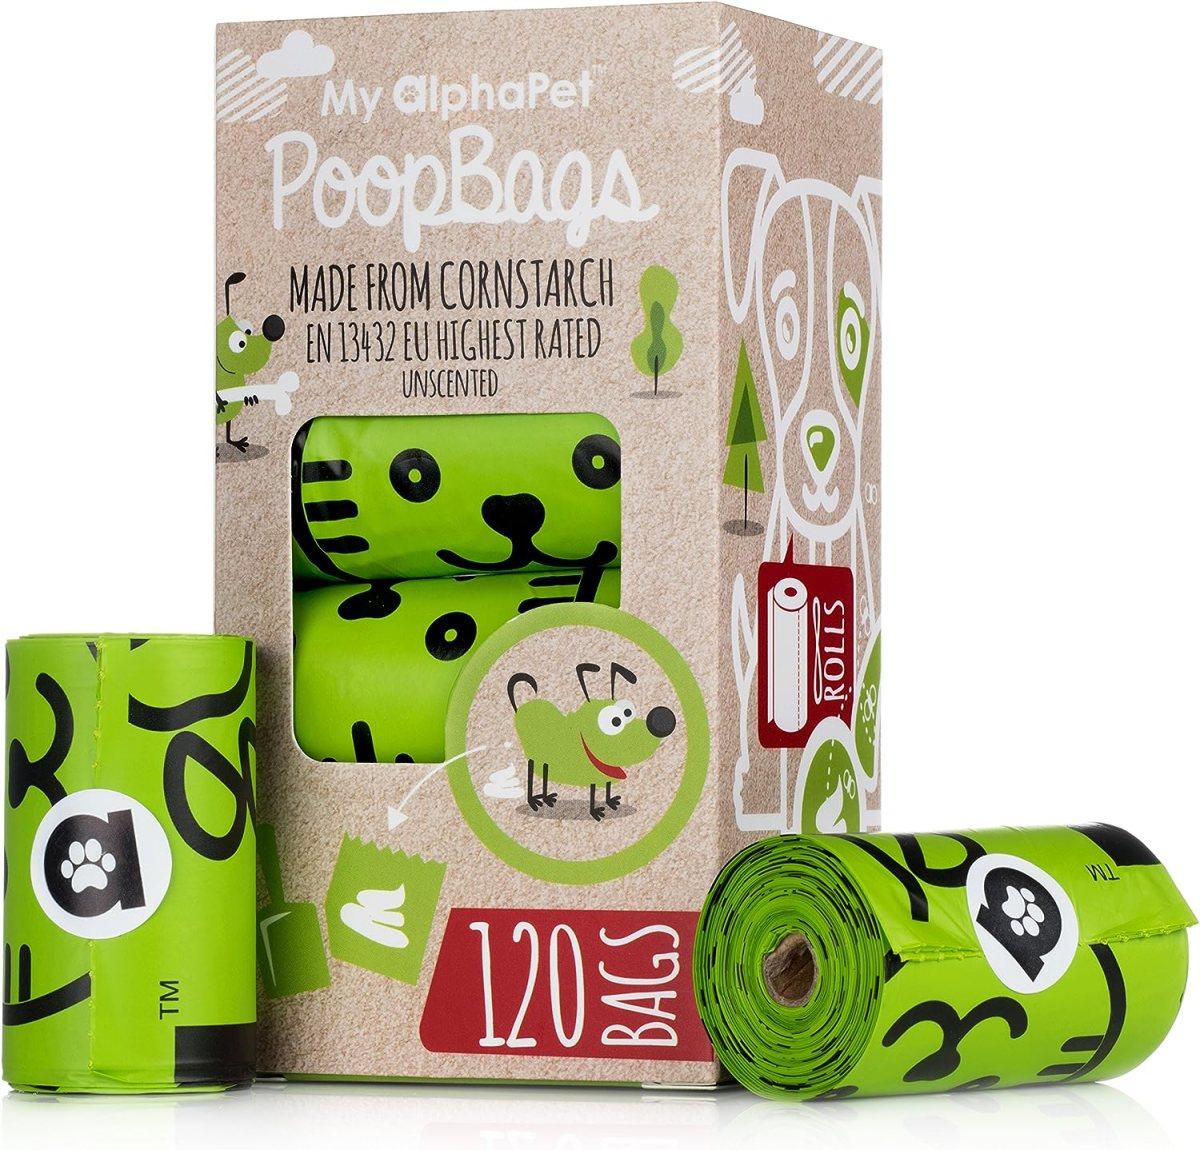 Bolsas Caca Perro Biodegradables